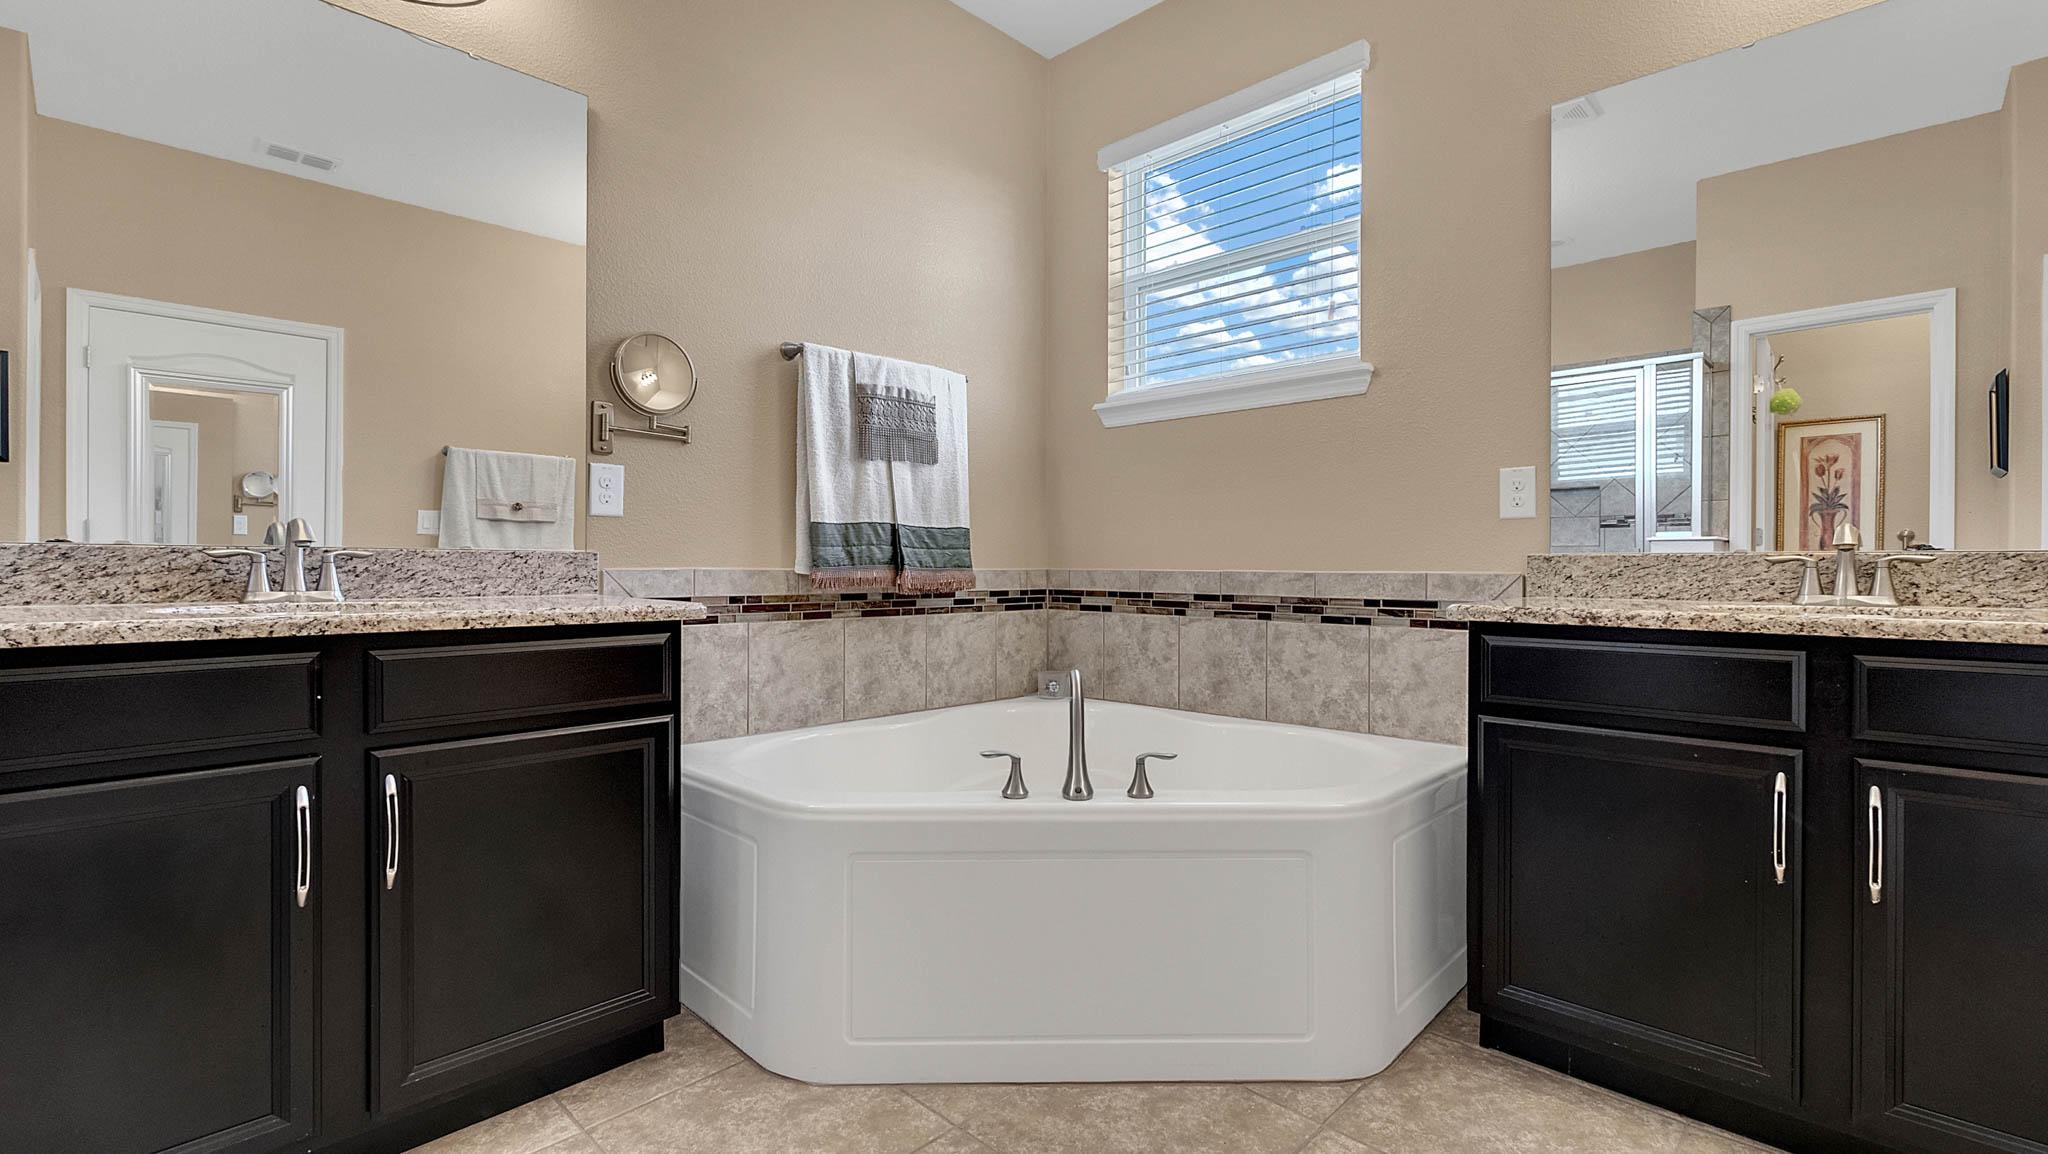 105-W-Cherry-Pl--DeLand--FL-32724----13---Master-Bathroom.jpg